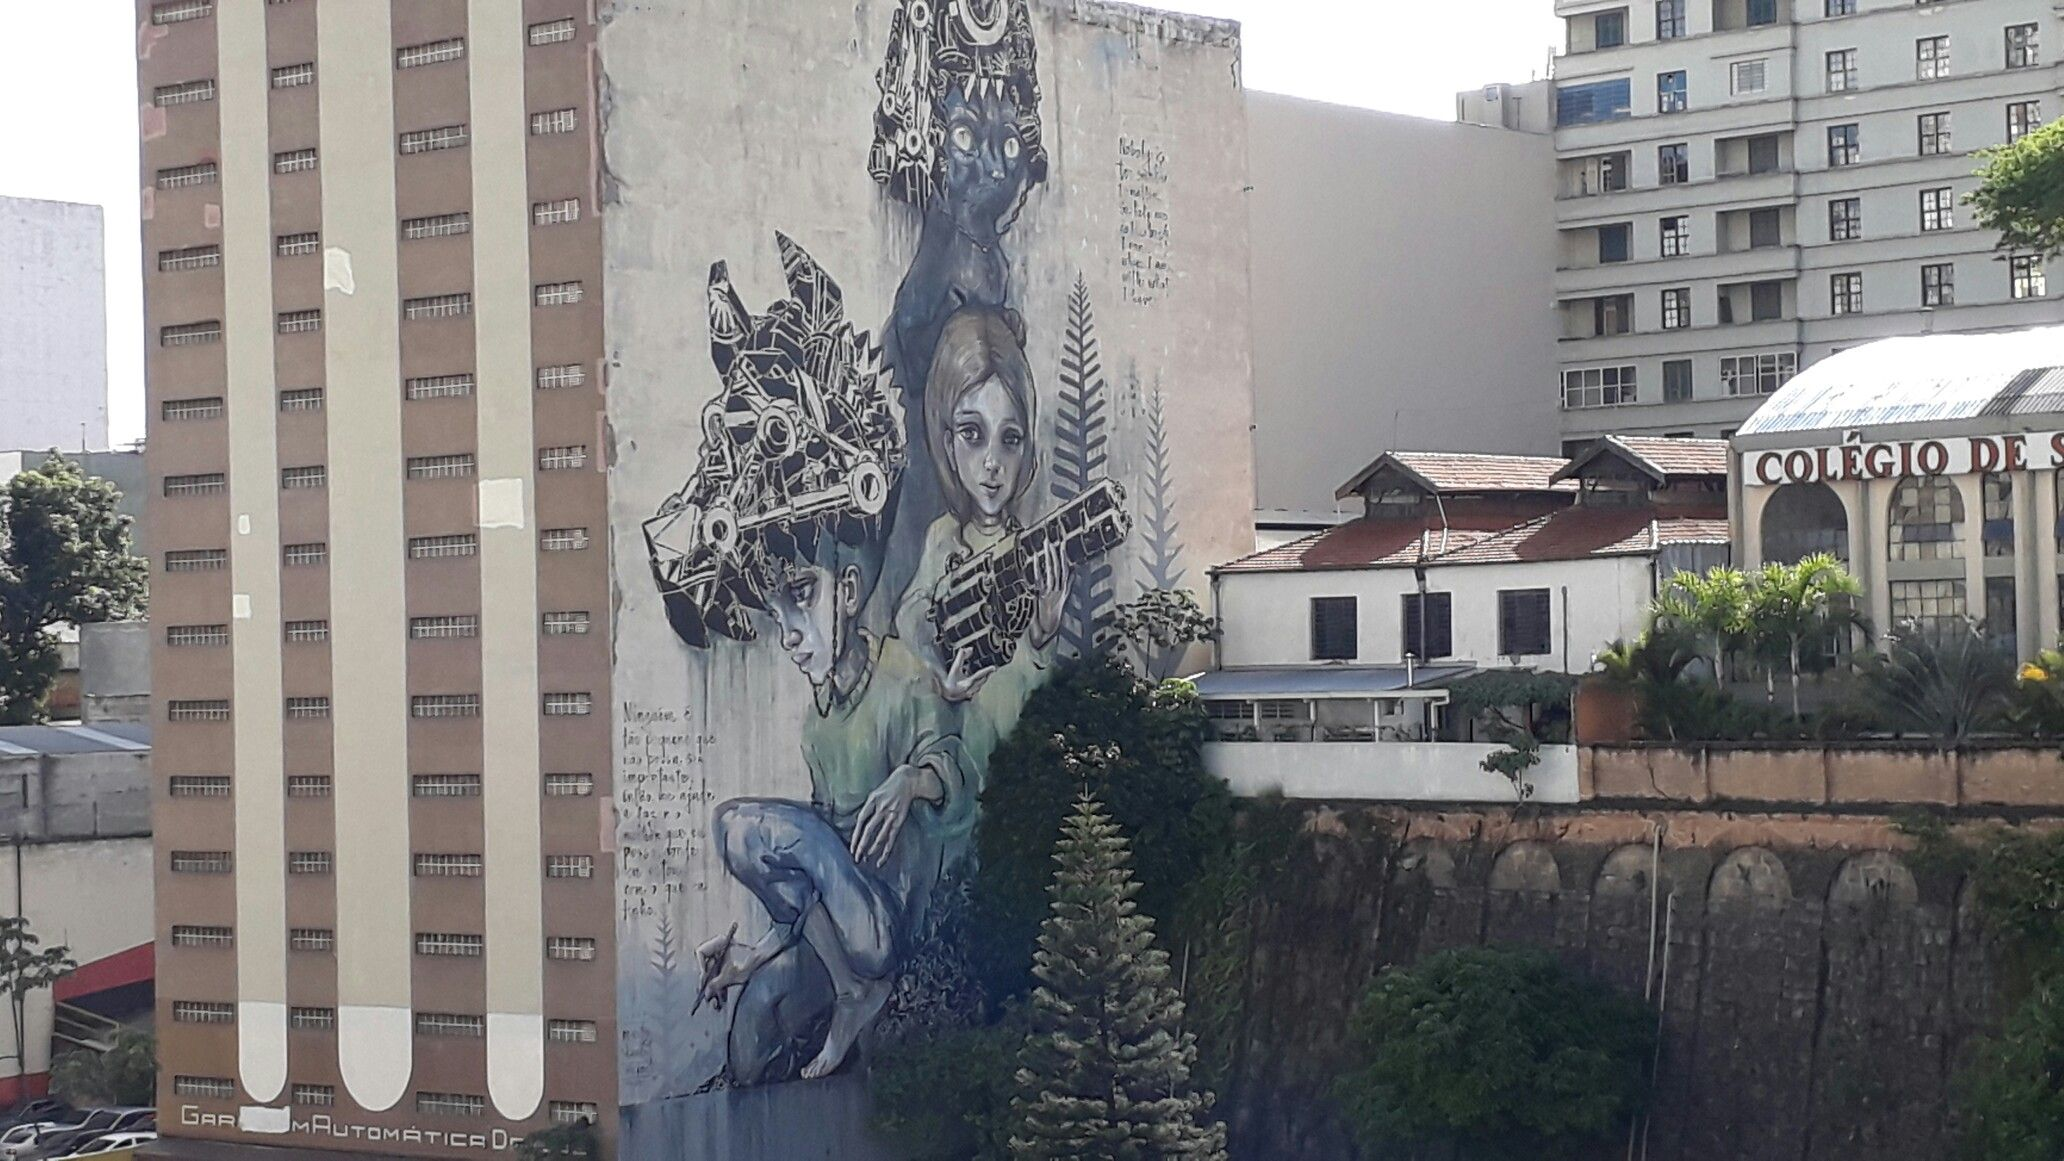 Pin de Rafael Severo em arte Cidade de são paulo, Cidade